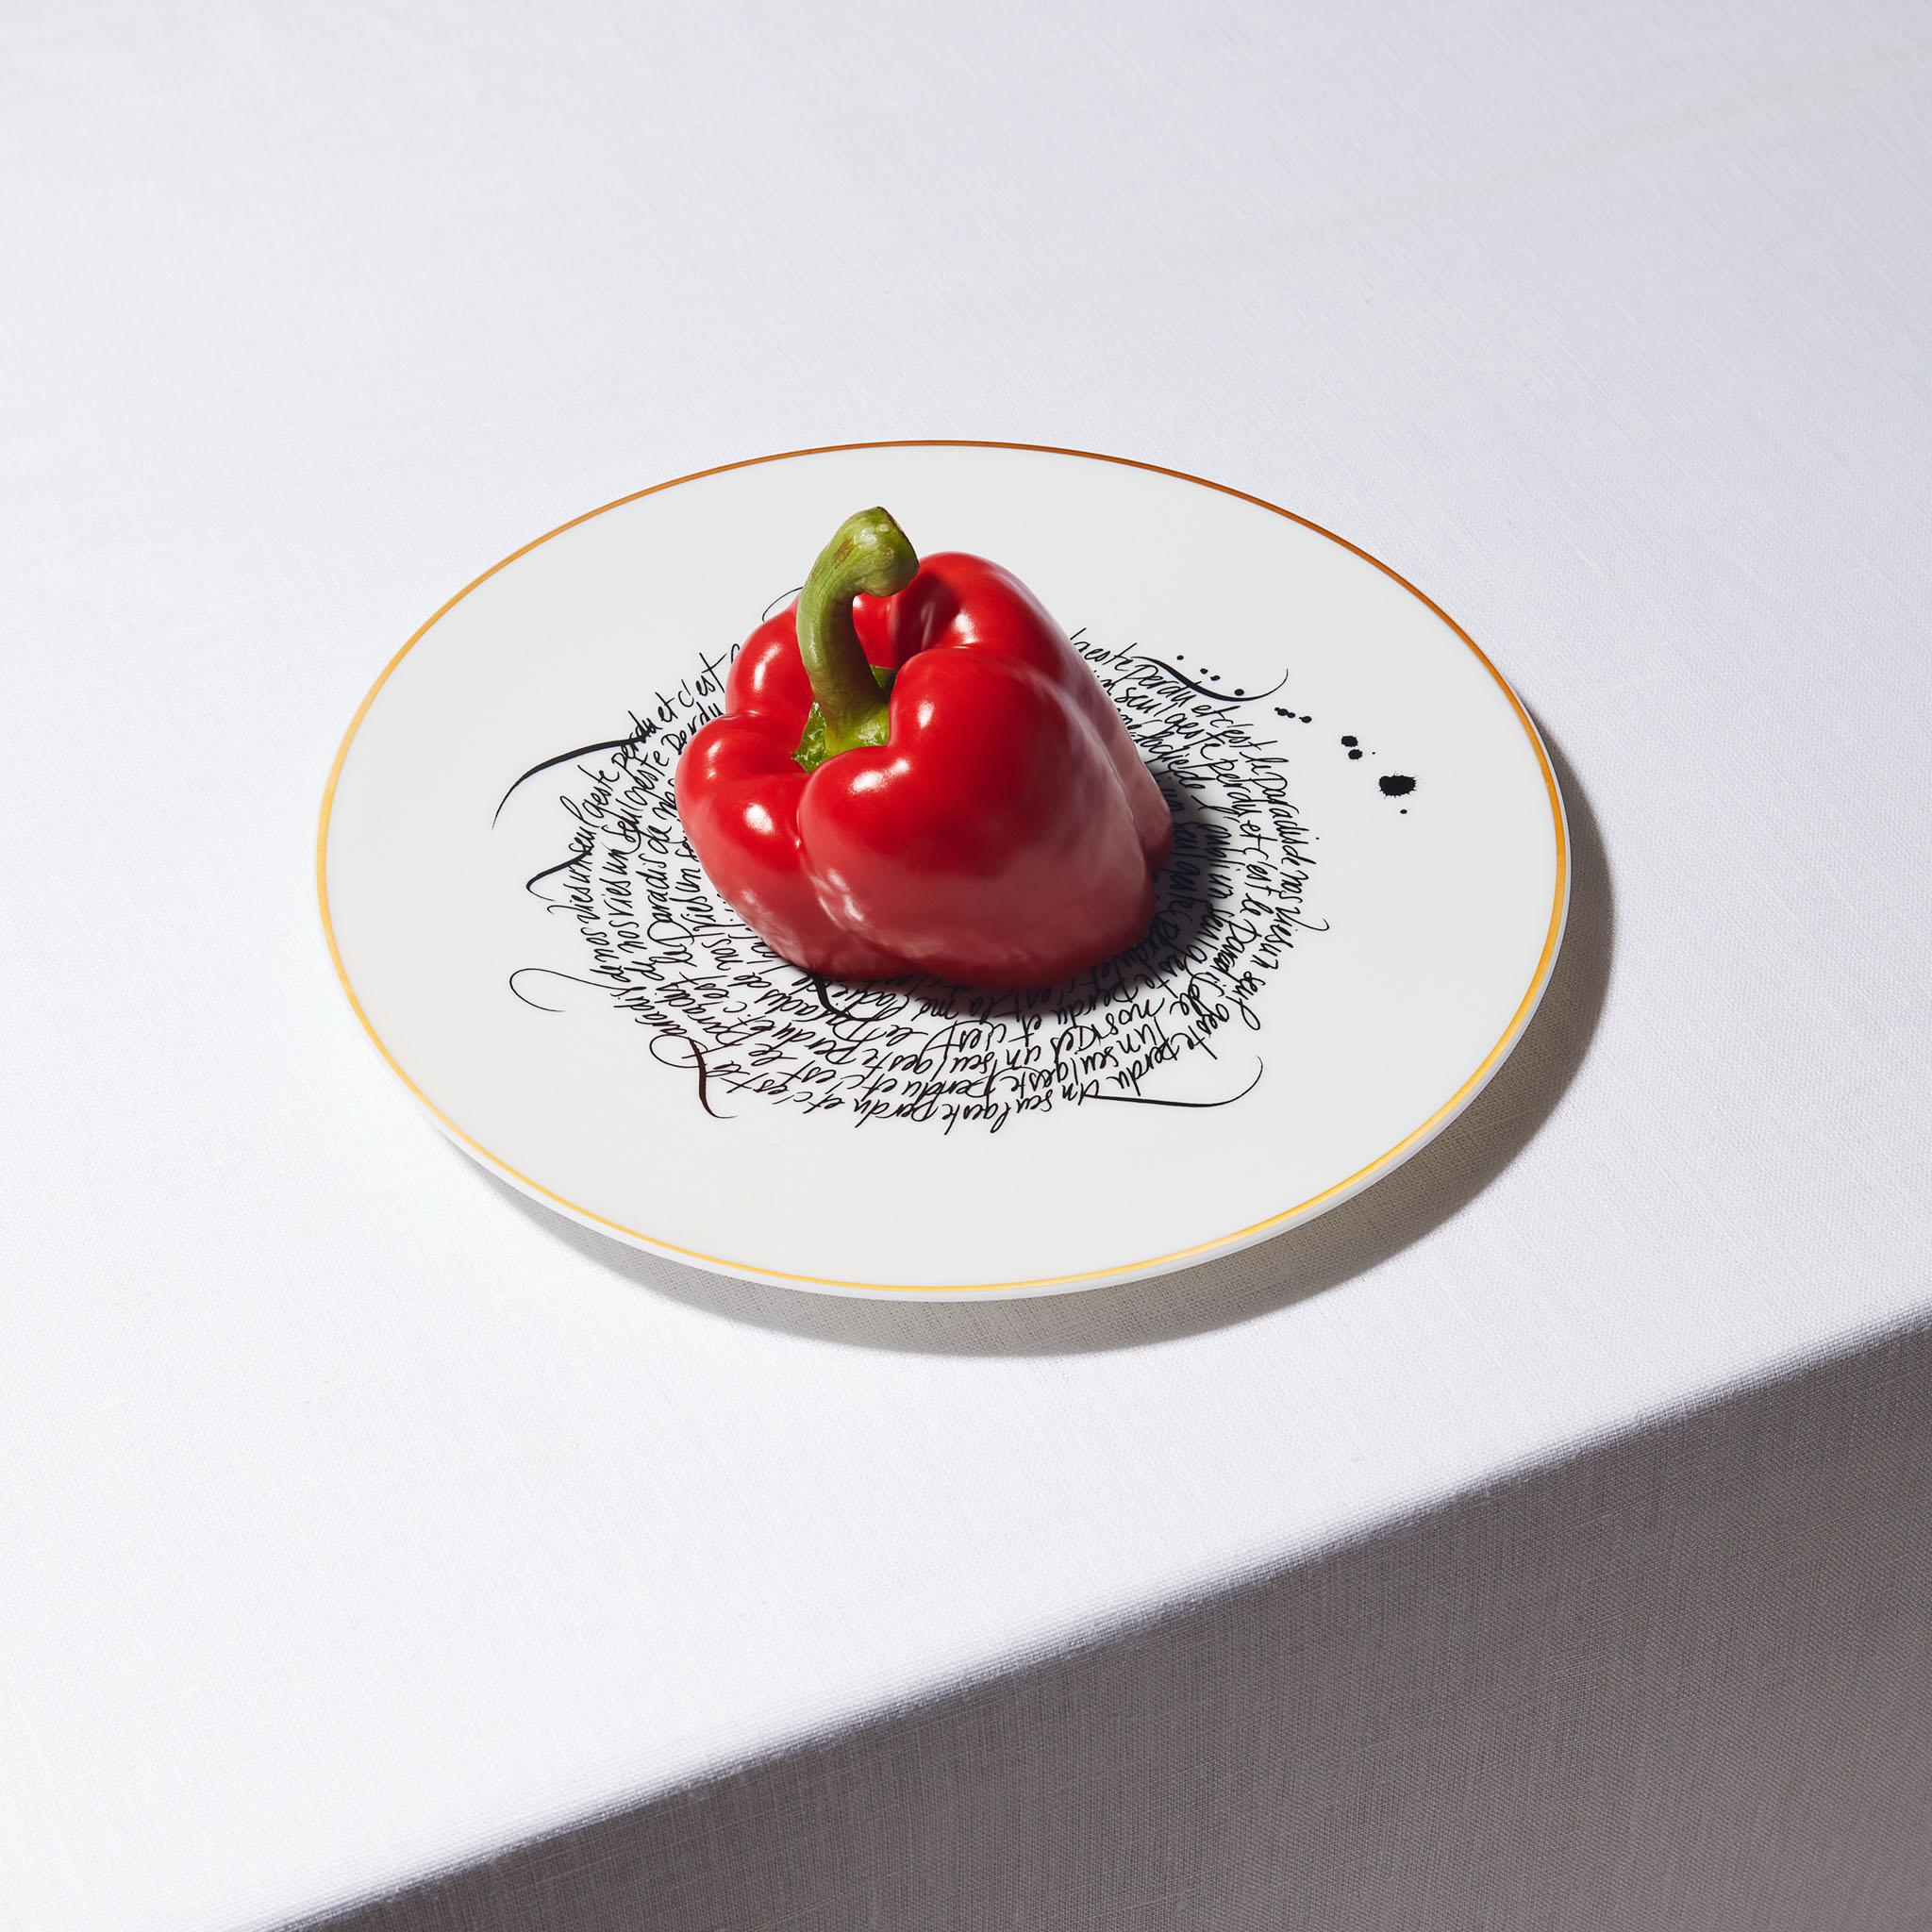 Fruits et légumes / Maison Fragile